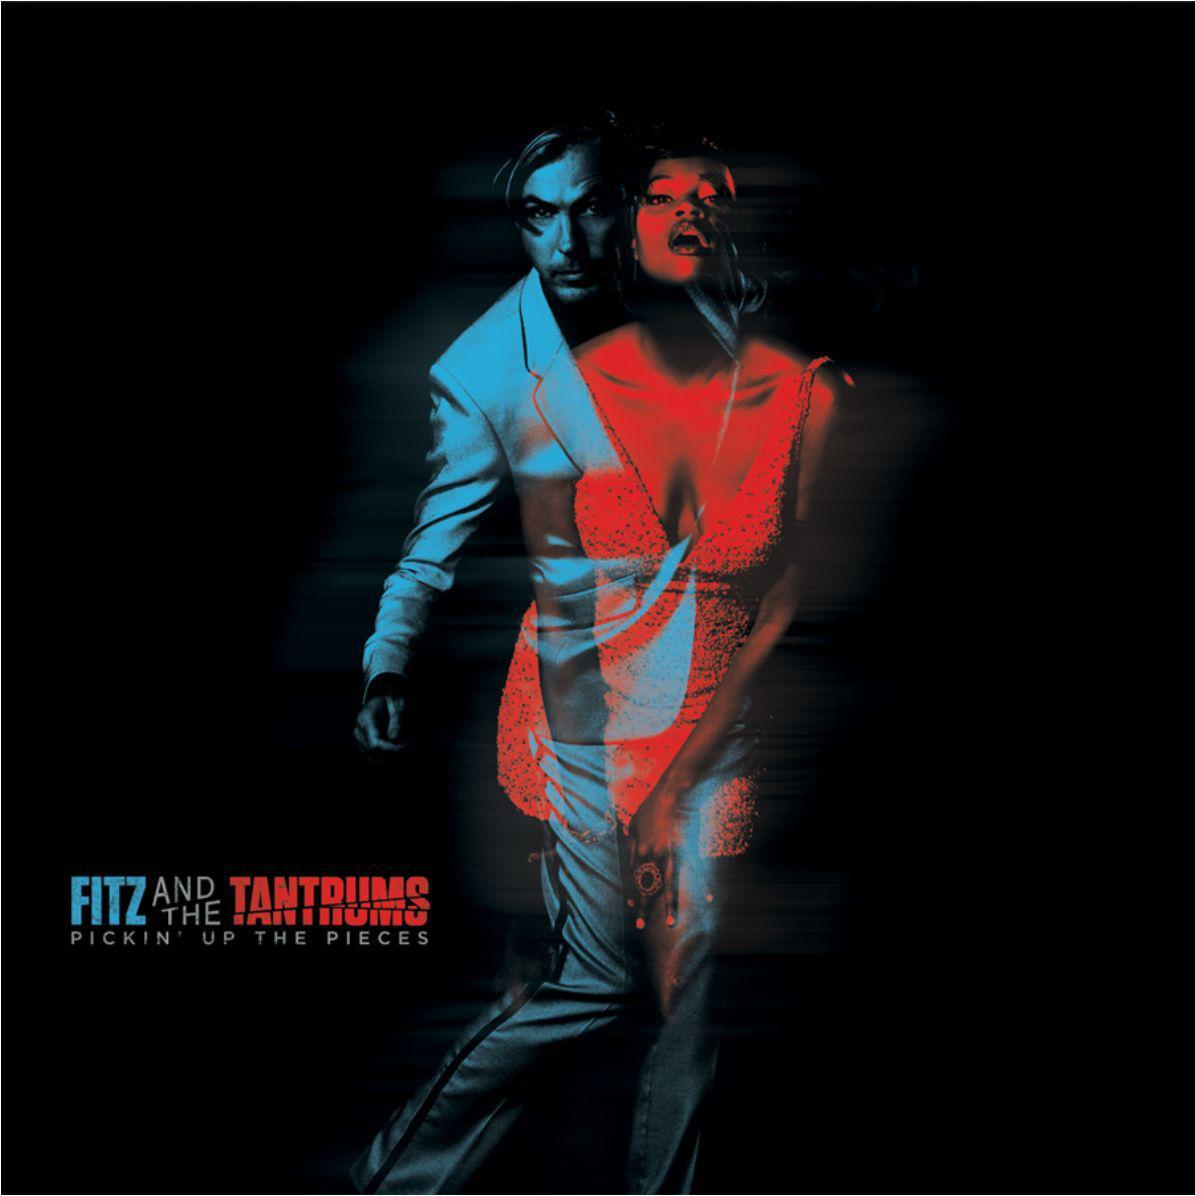 Fitz & the Tantrums-Mix, Handclaps